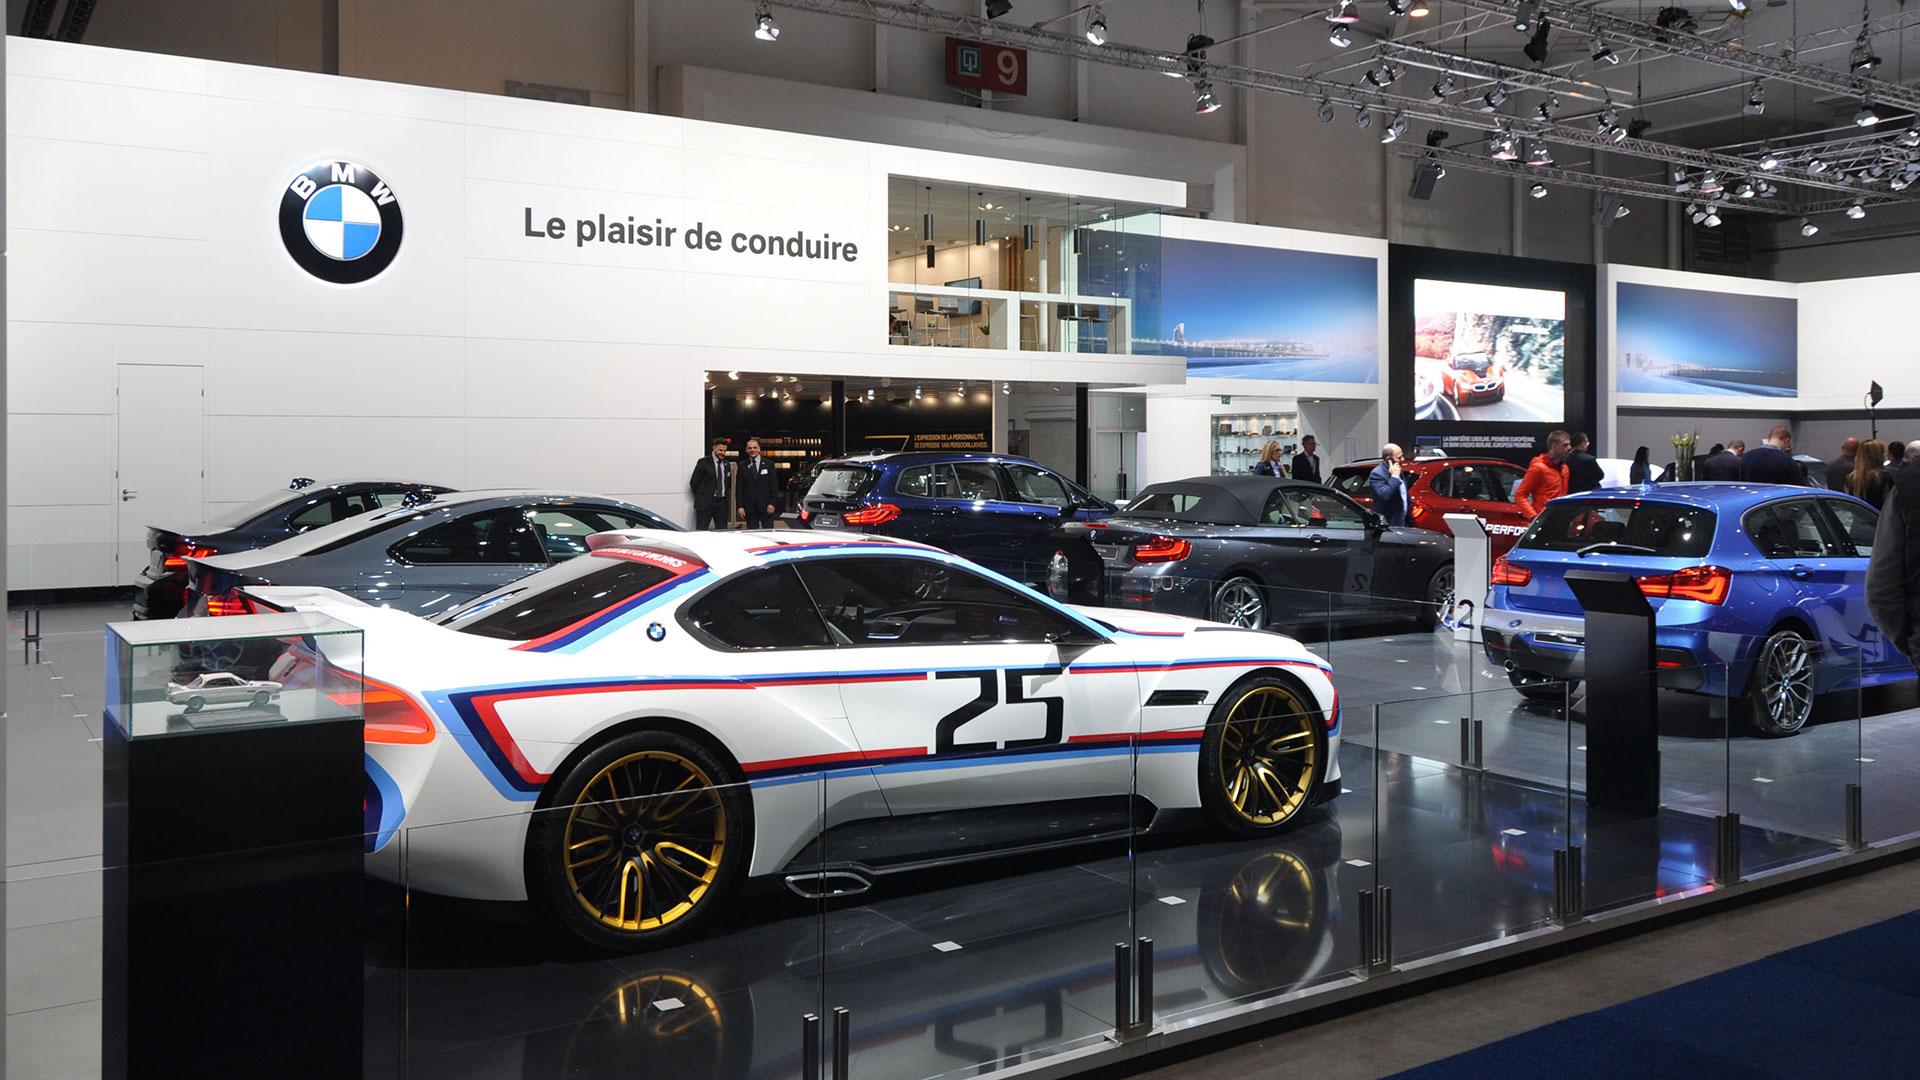 Ksv Bmw 95e Salon De L Automobile De Bruxelles